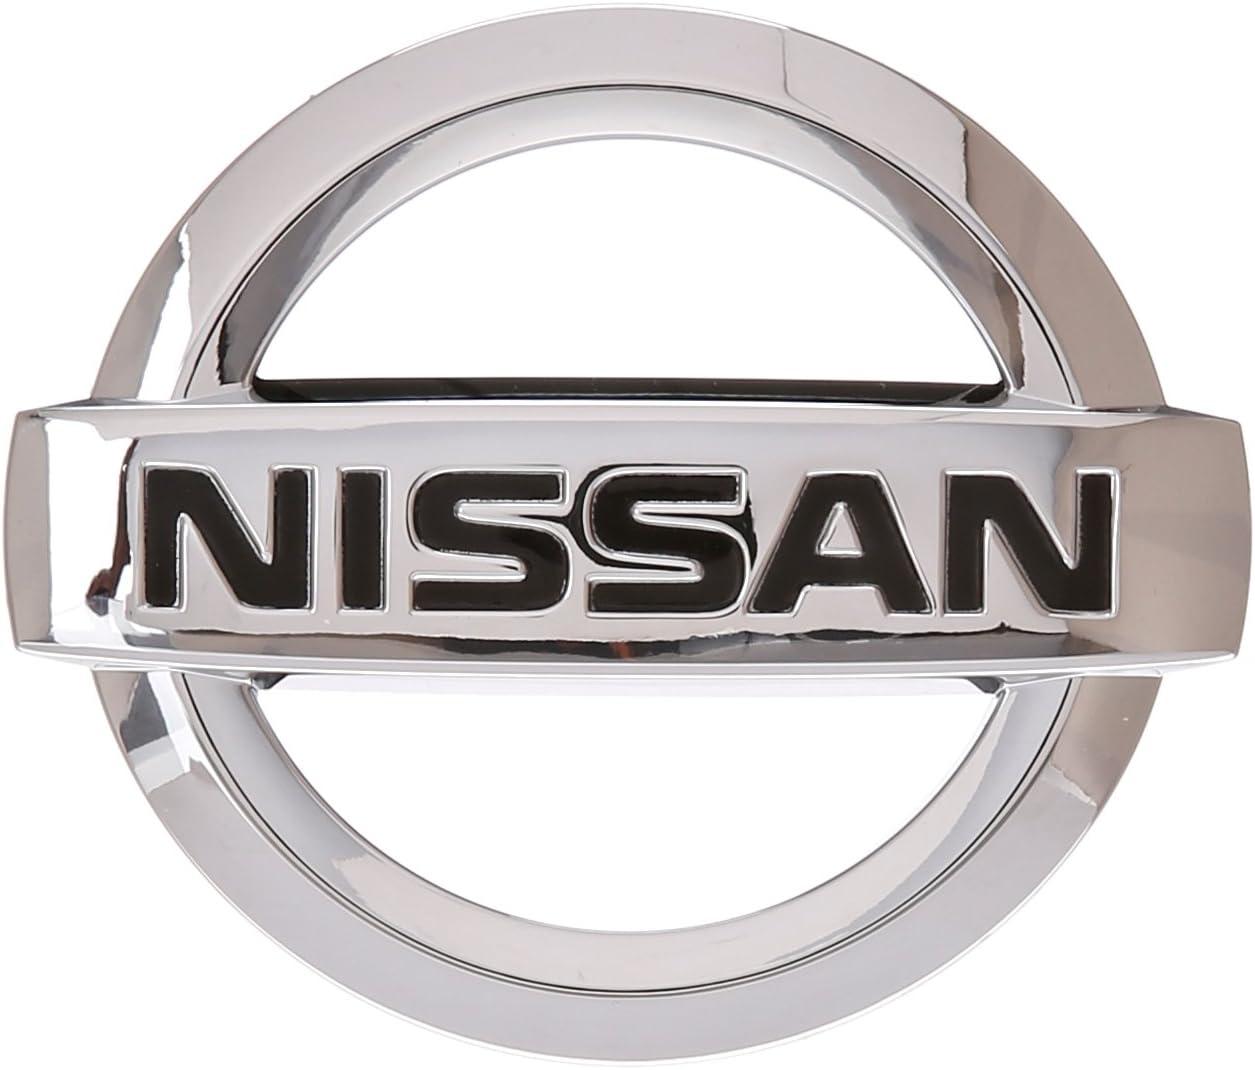 Radiator Emblem Genuine Nissan 62890-JA000